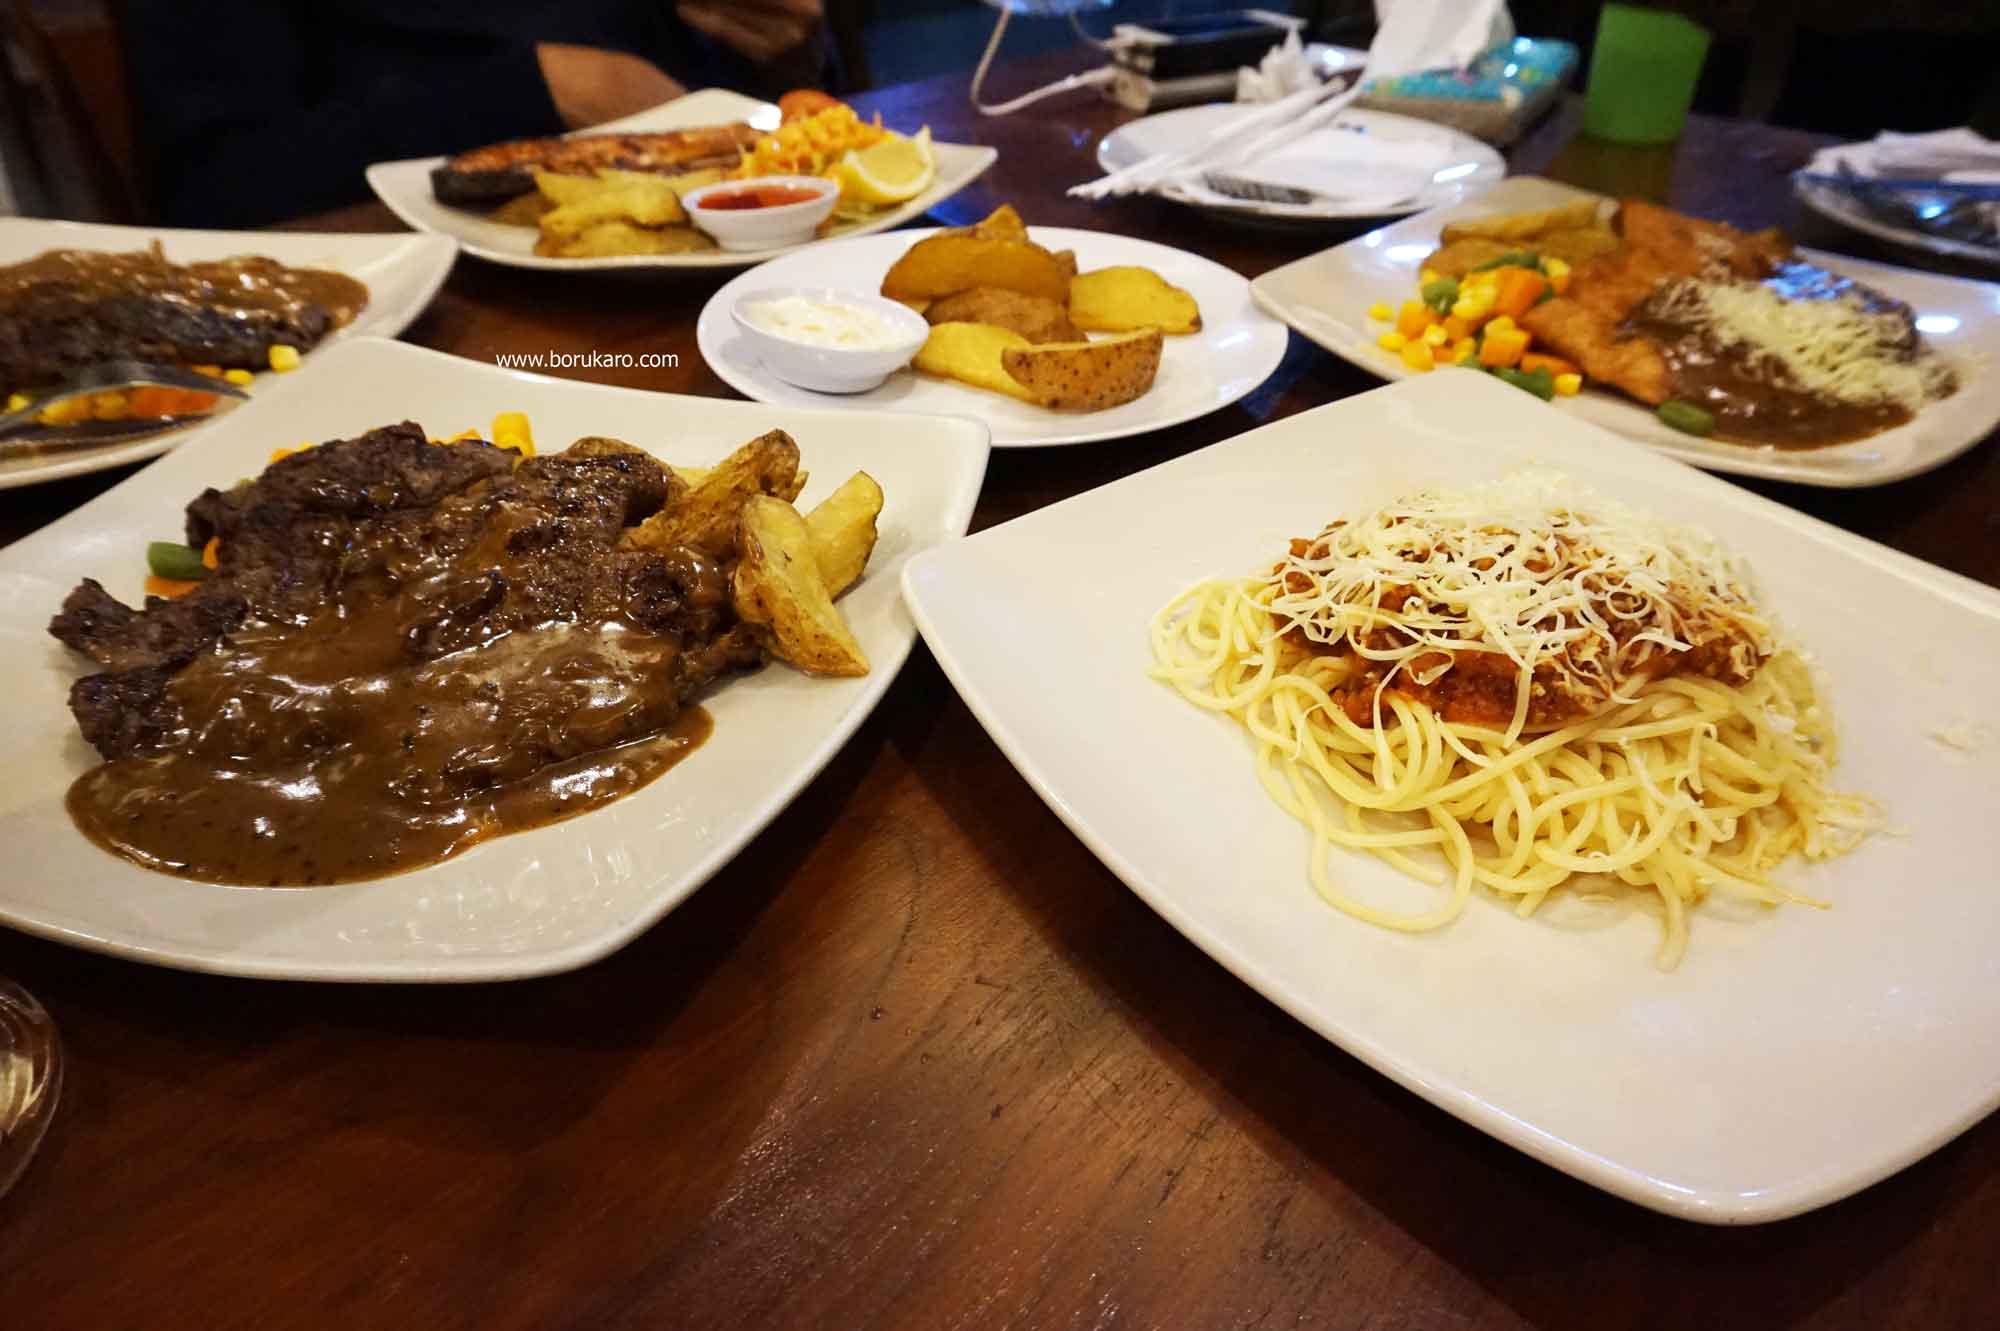 Memanjakan Lidah dengan Menikmati Steak Enak dan Murah di Joni Steak Pasarbaru Jakarta